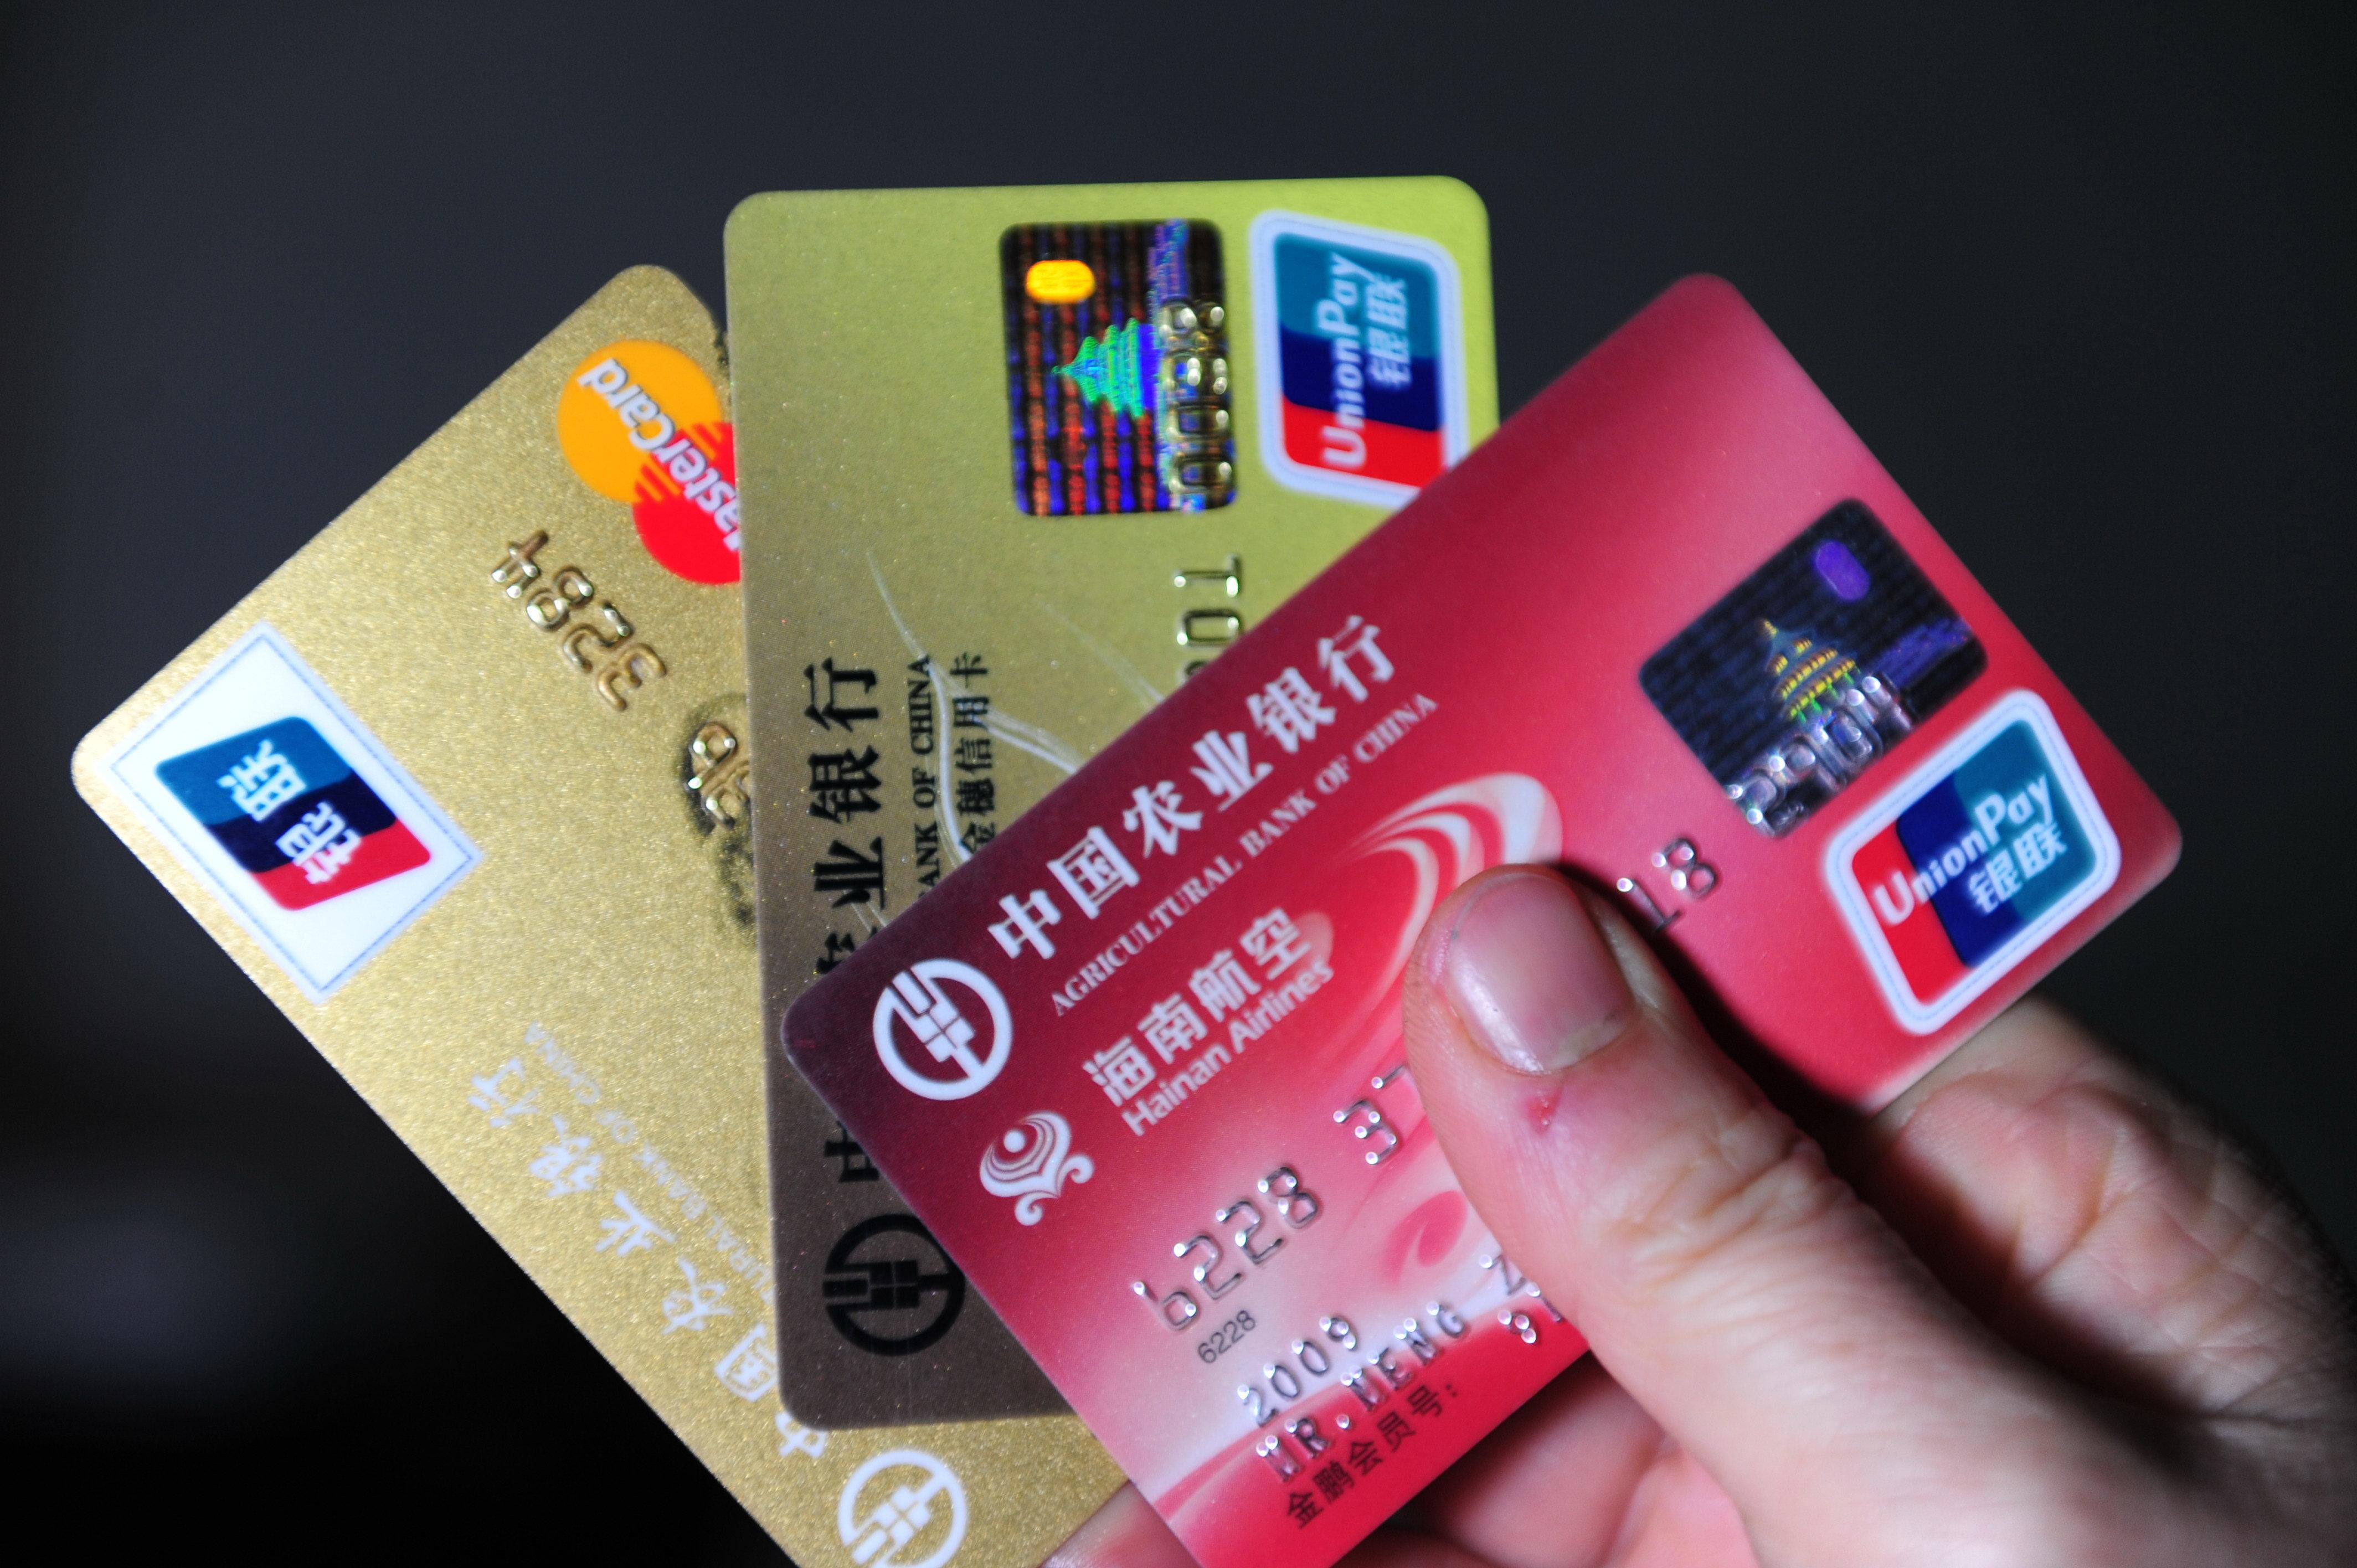 为什么招商银行能成为信用卡发行量如此之大的银行,看了这些你该明白了!